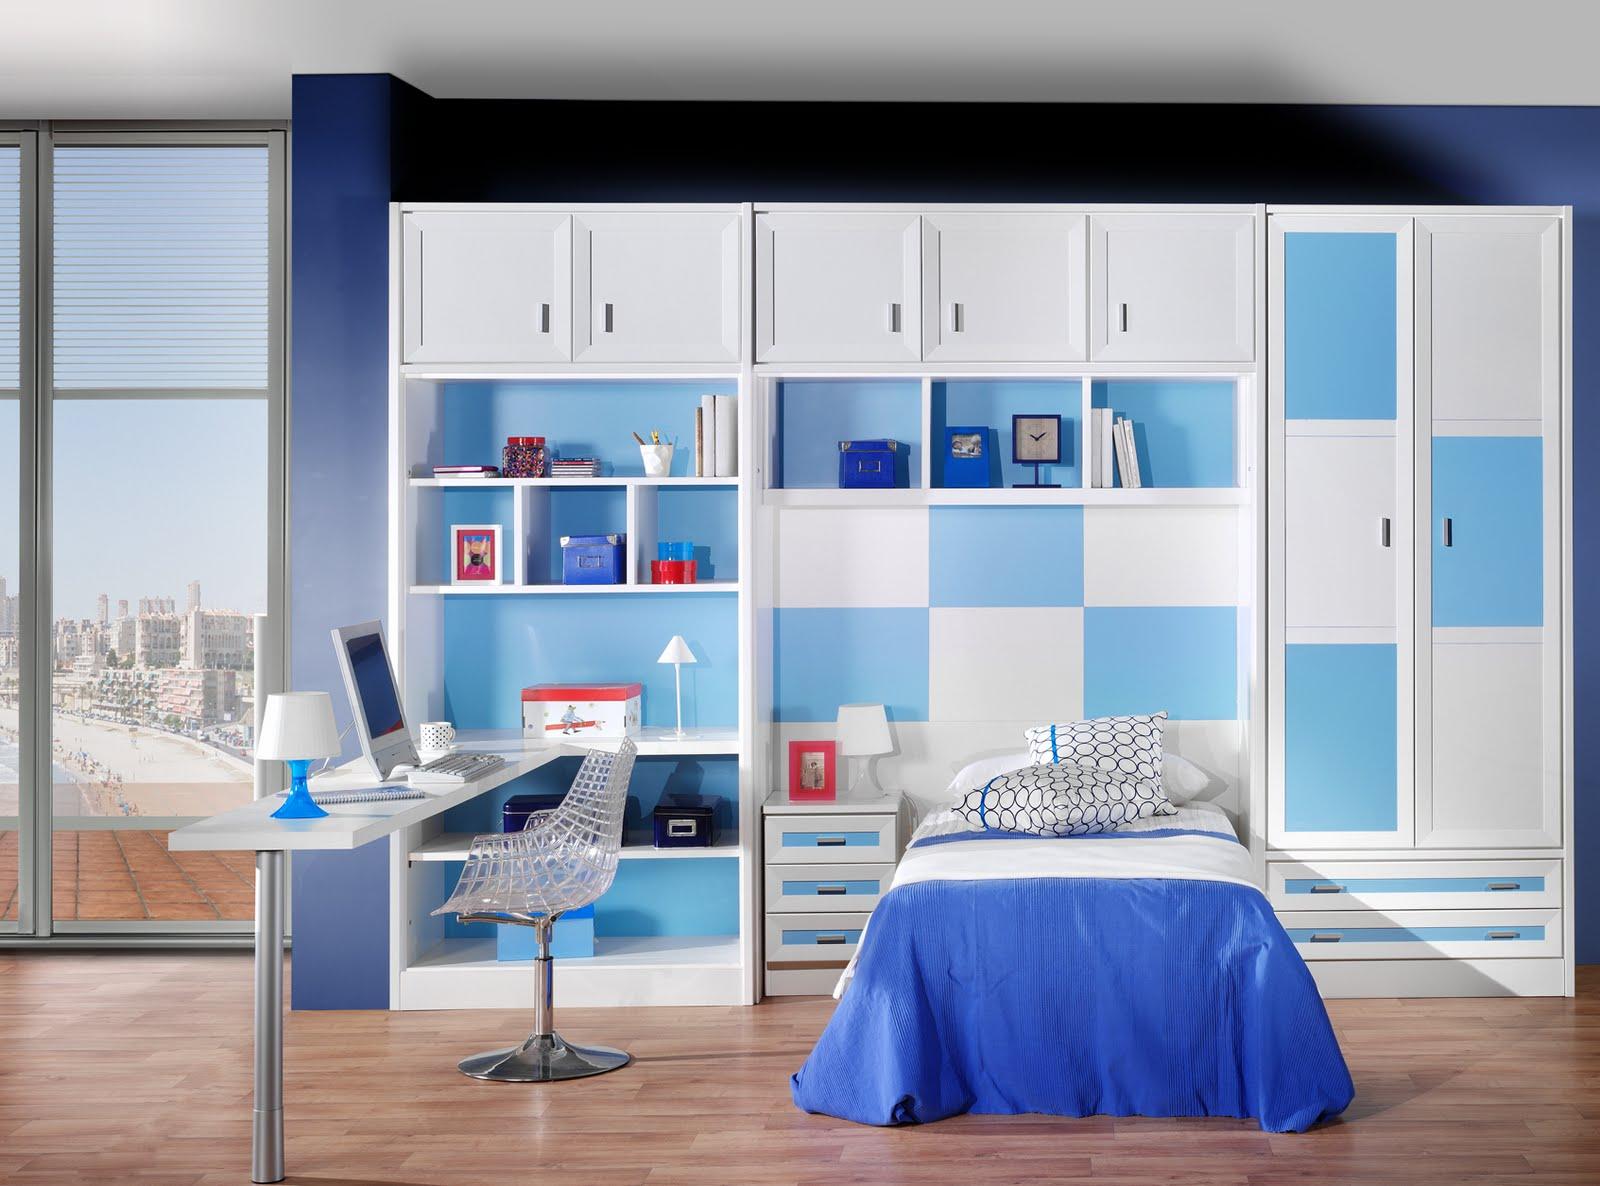 Muebles eduardo tallero dormitorio juvenil con molduras for Muebles melamina